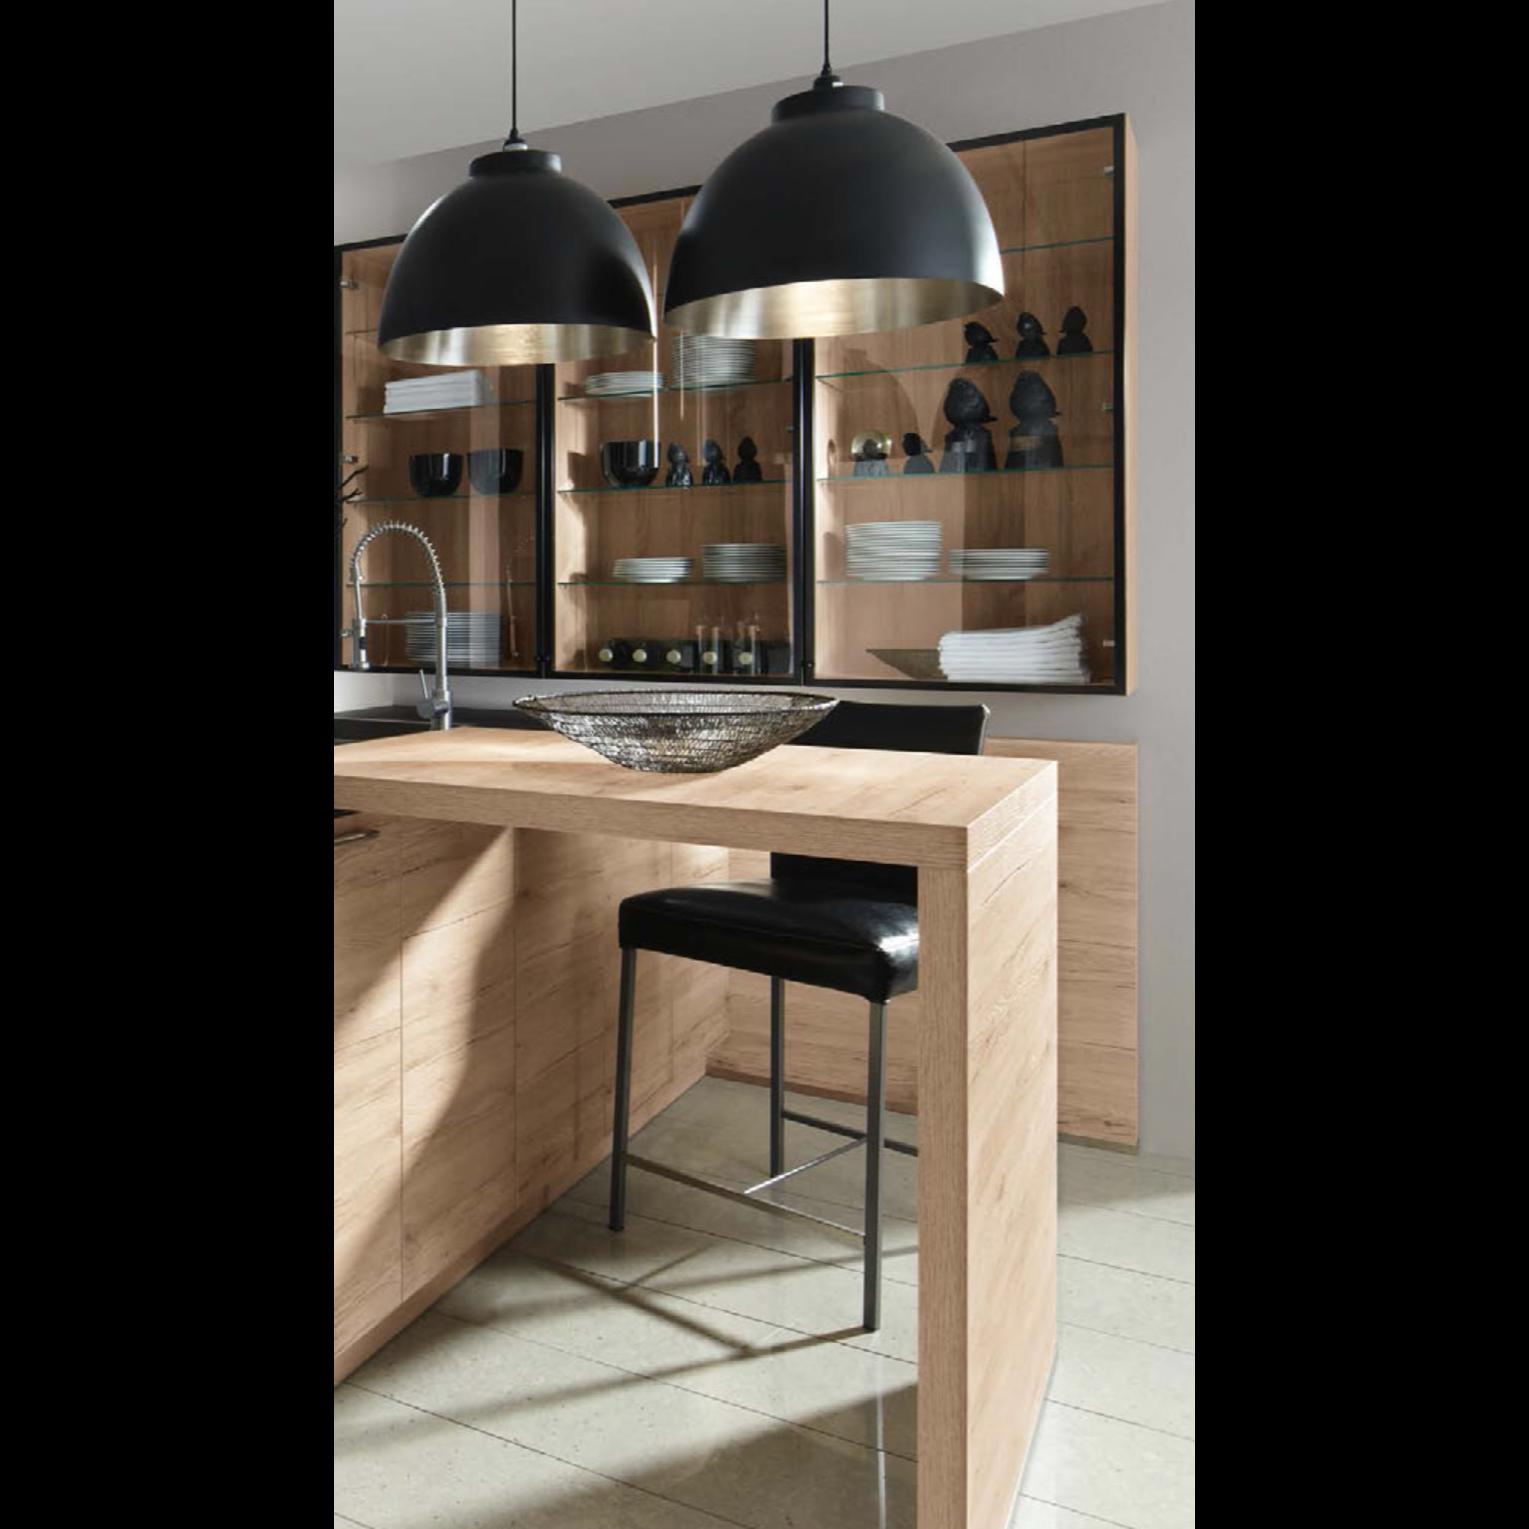 cuisine contemporaine bois et laque le mod le danube. Black Bedroom Furniture Sets. Home Design Ideas